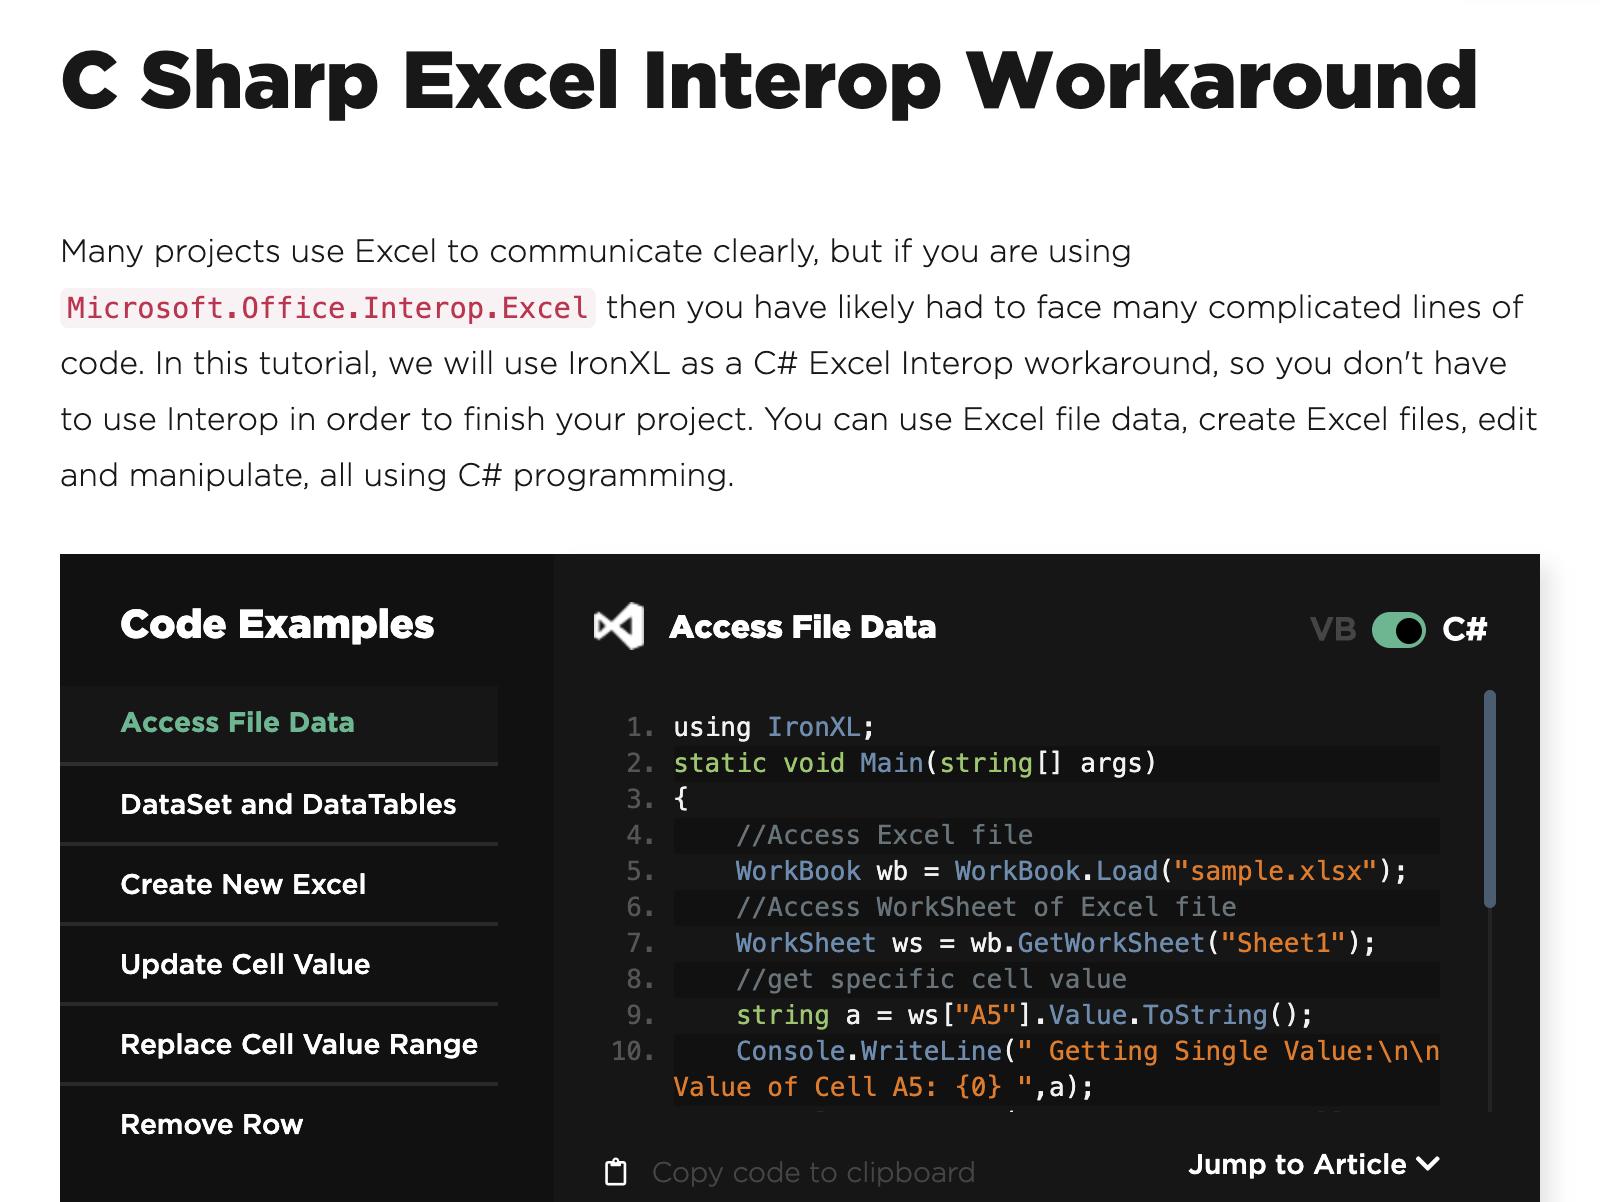 C# excel Interop